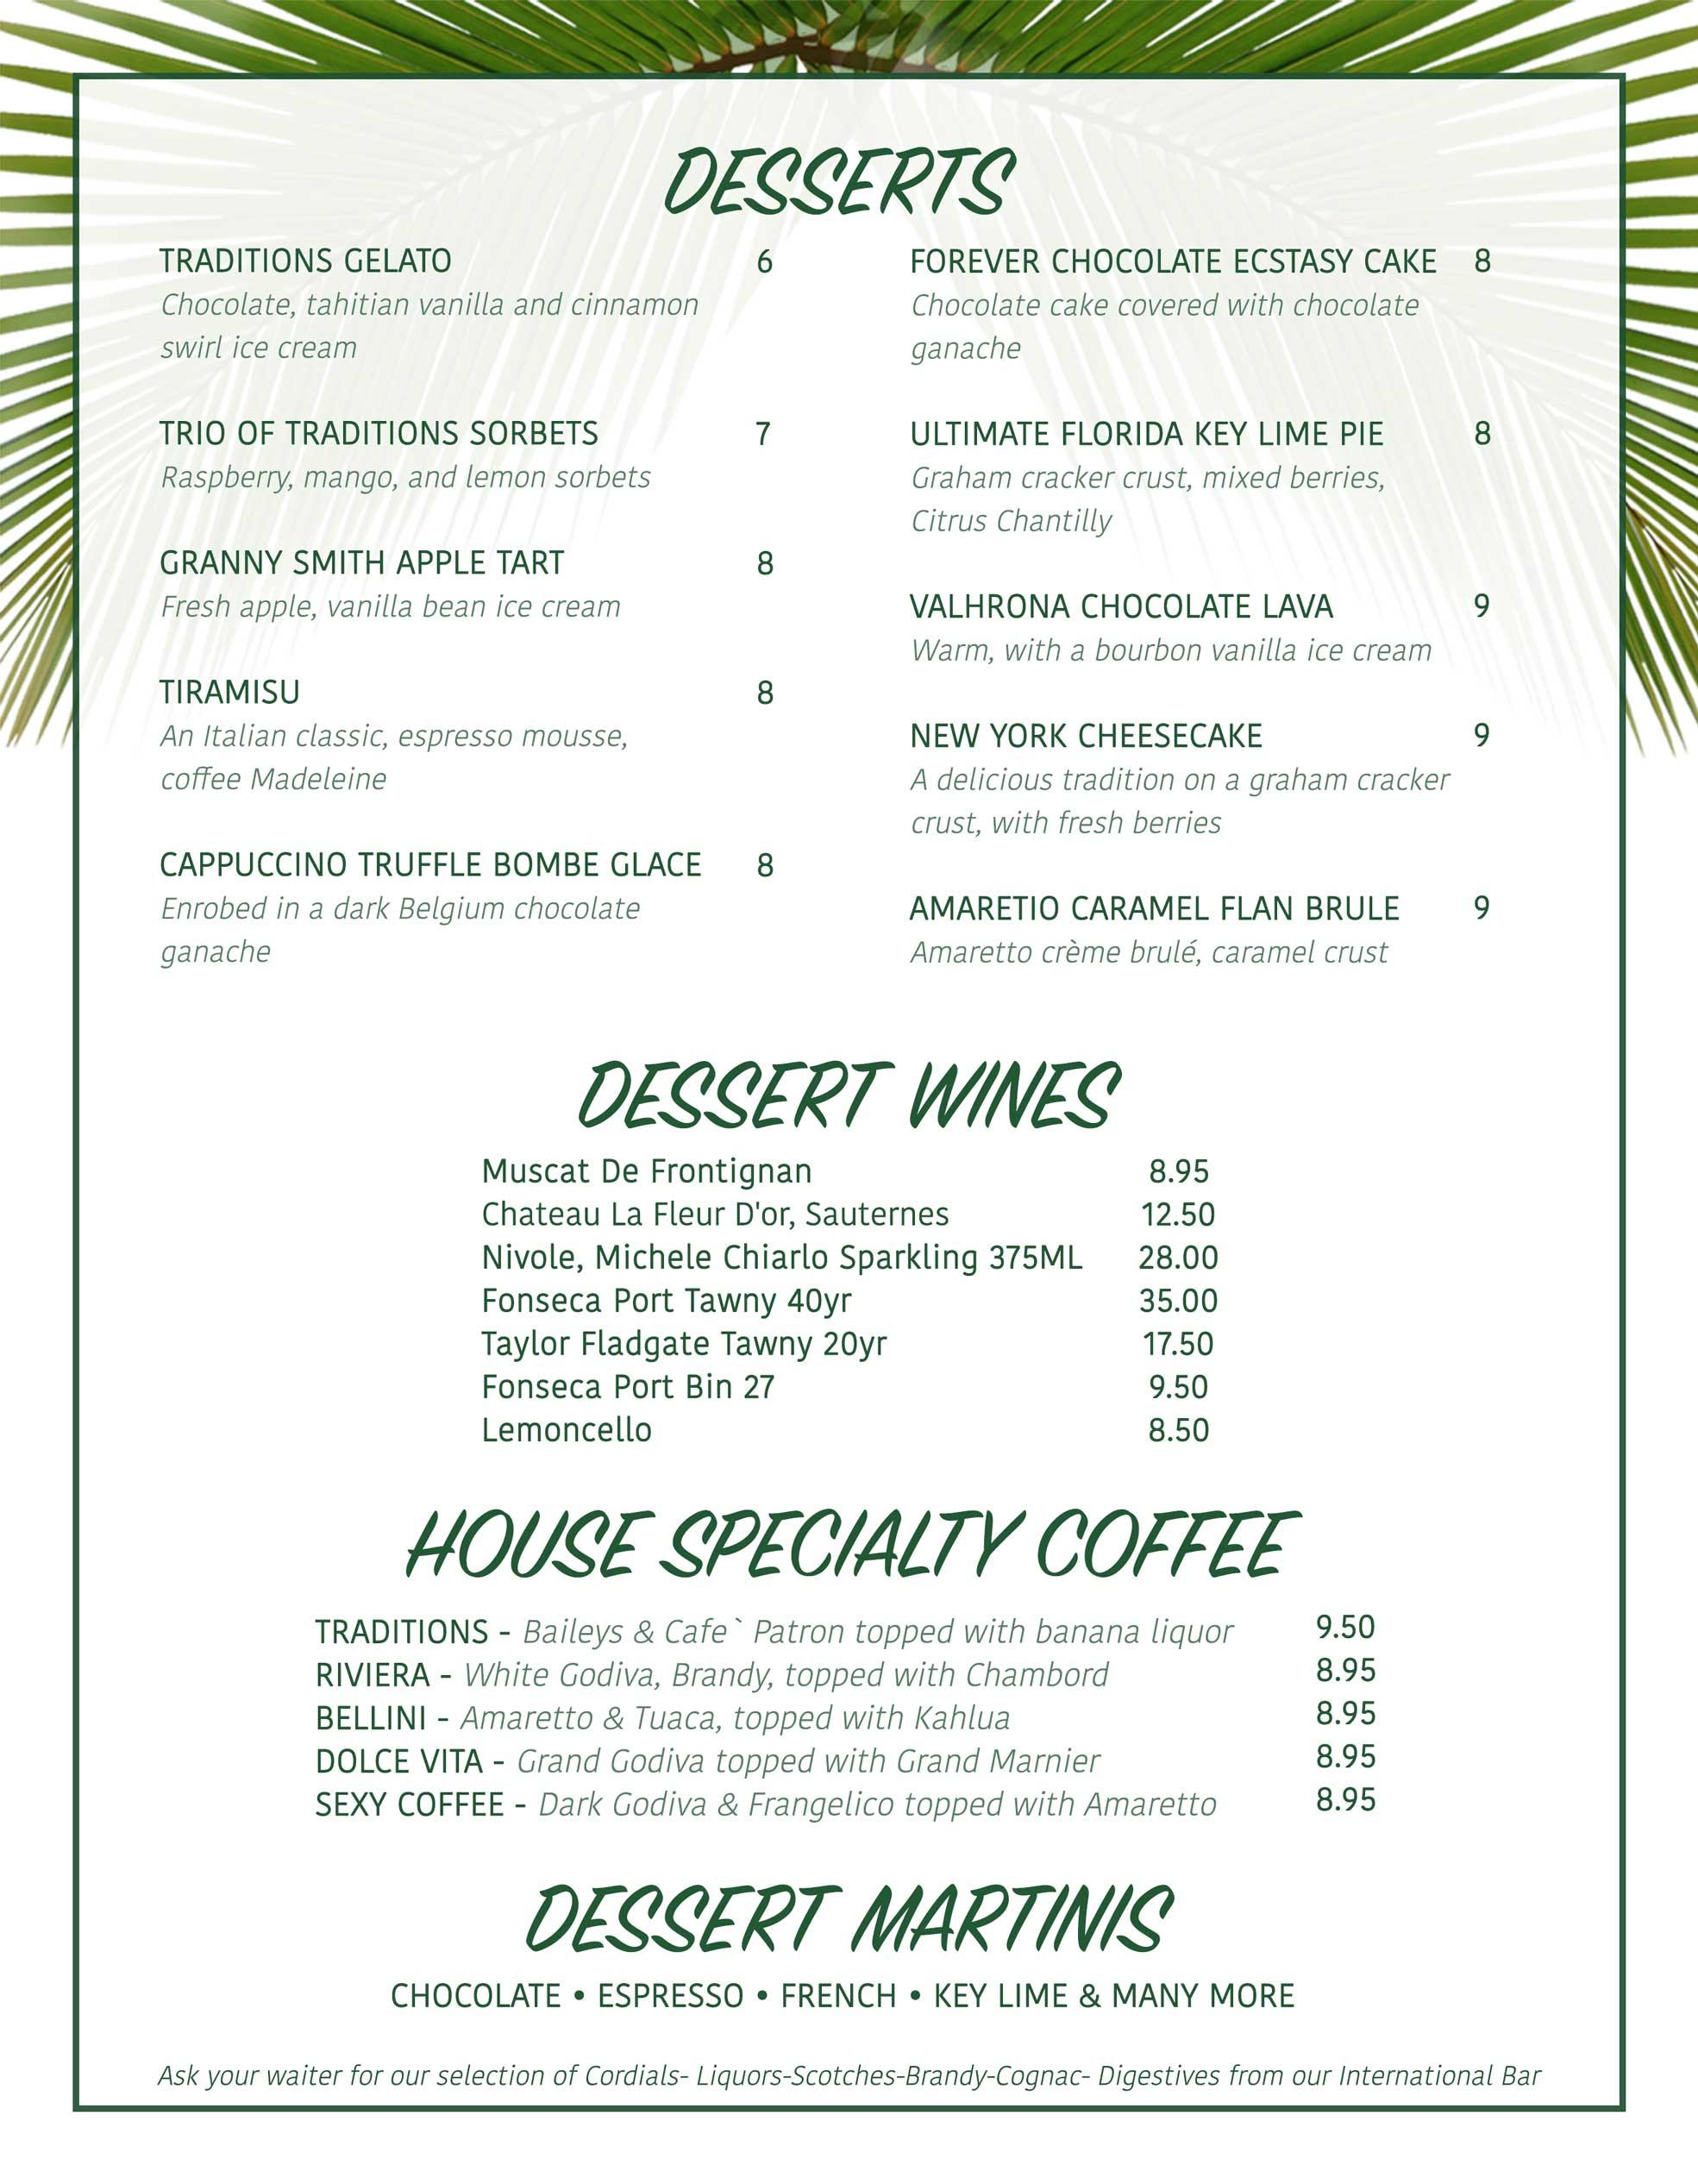 sanibel dessert menu